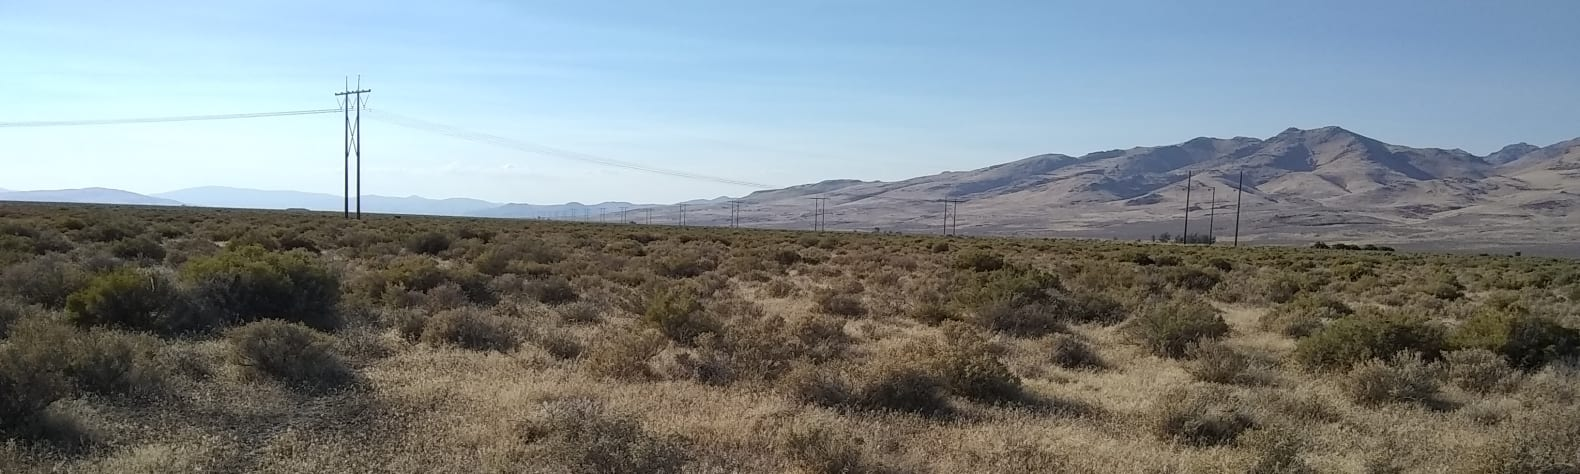 Sam C.'s Land